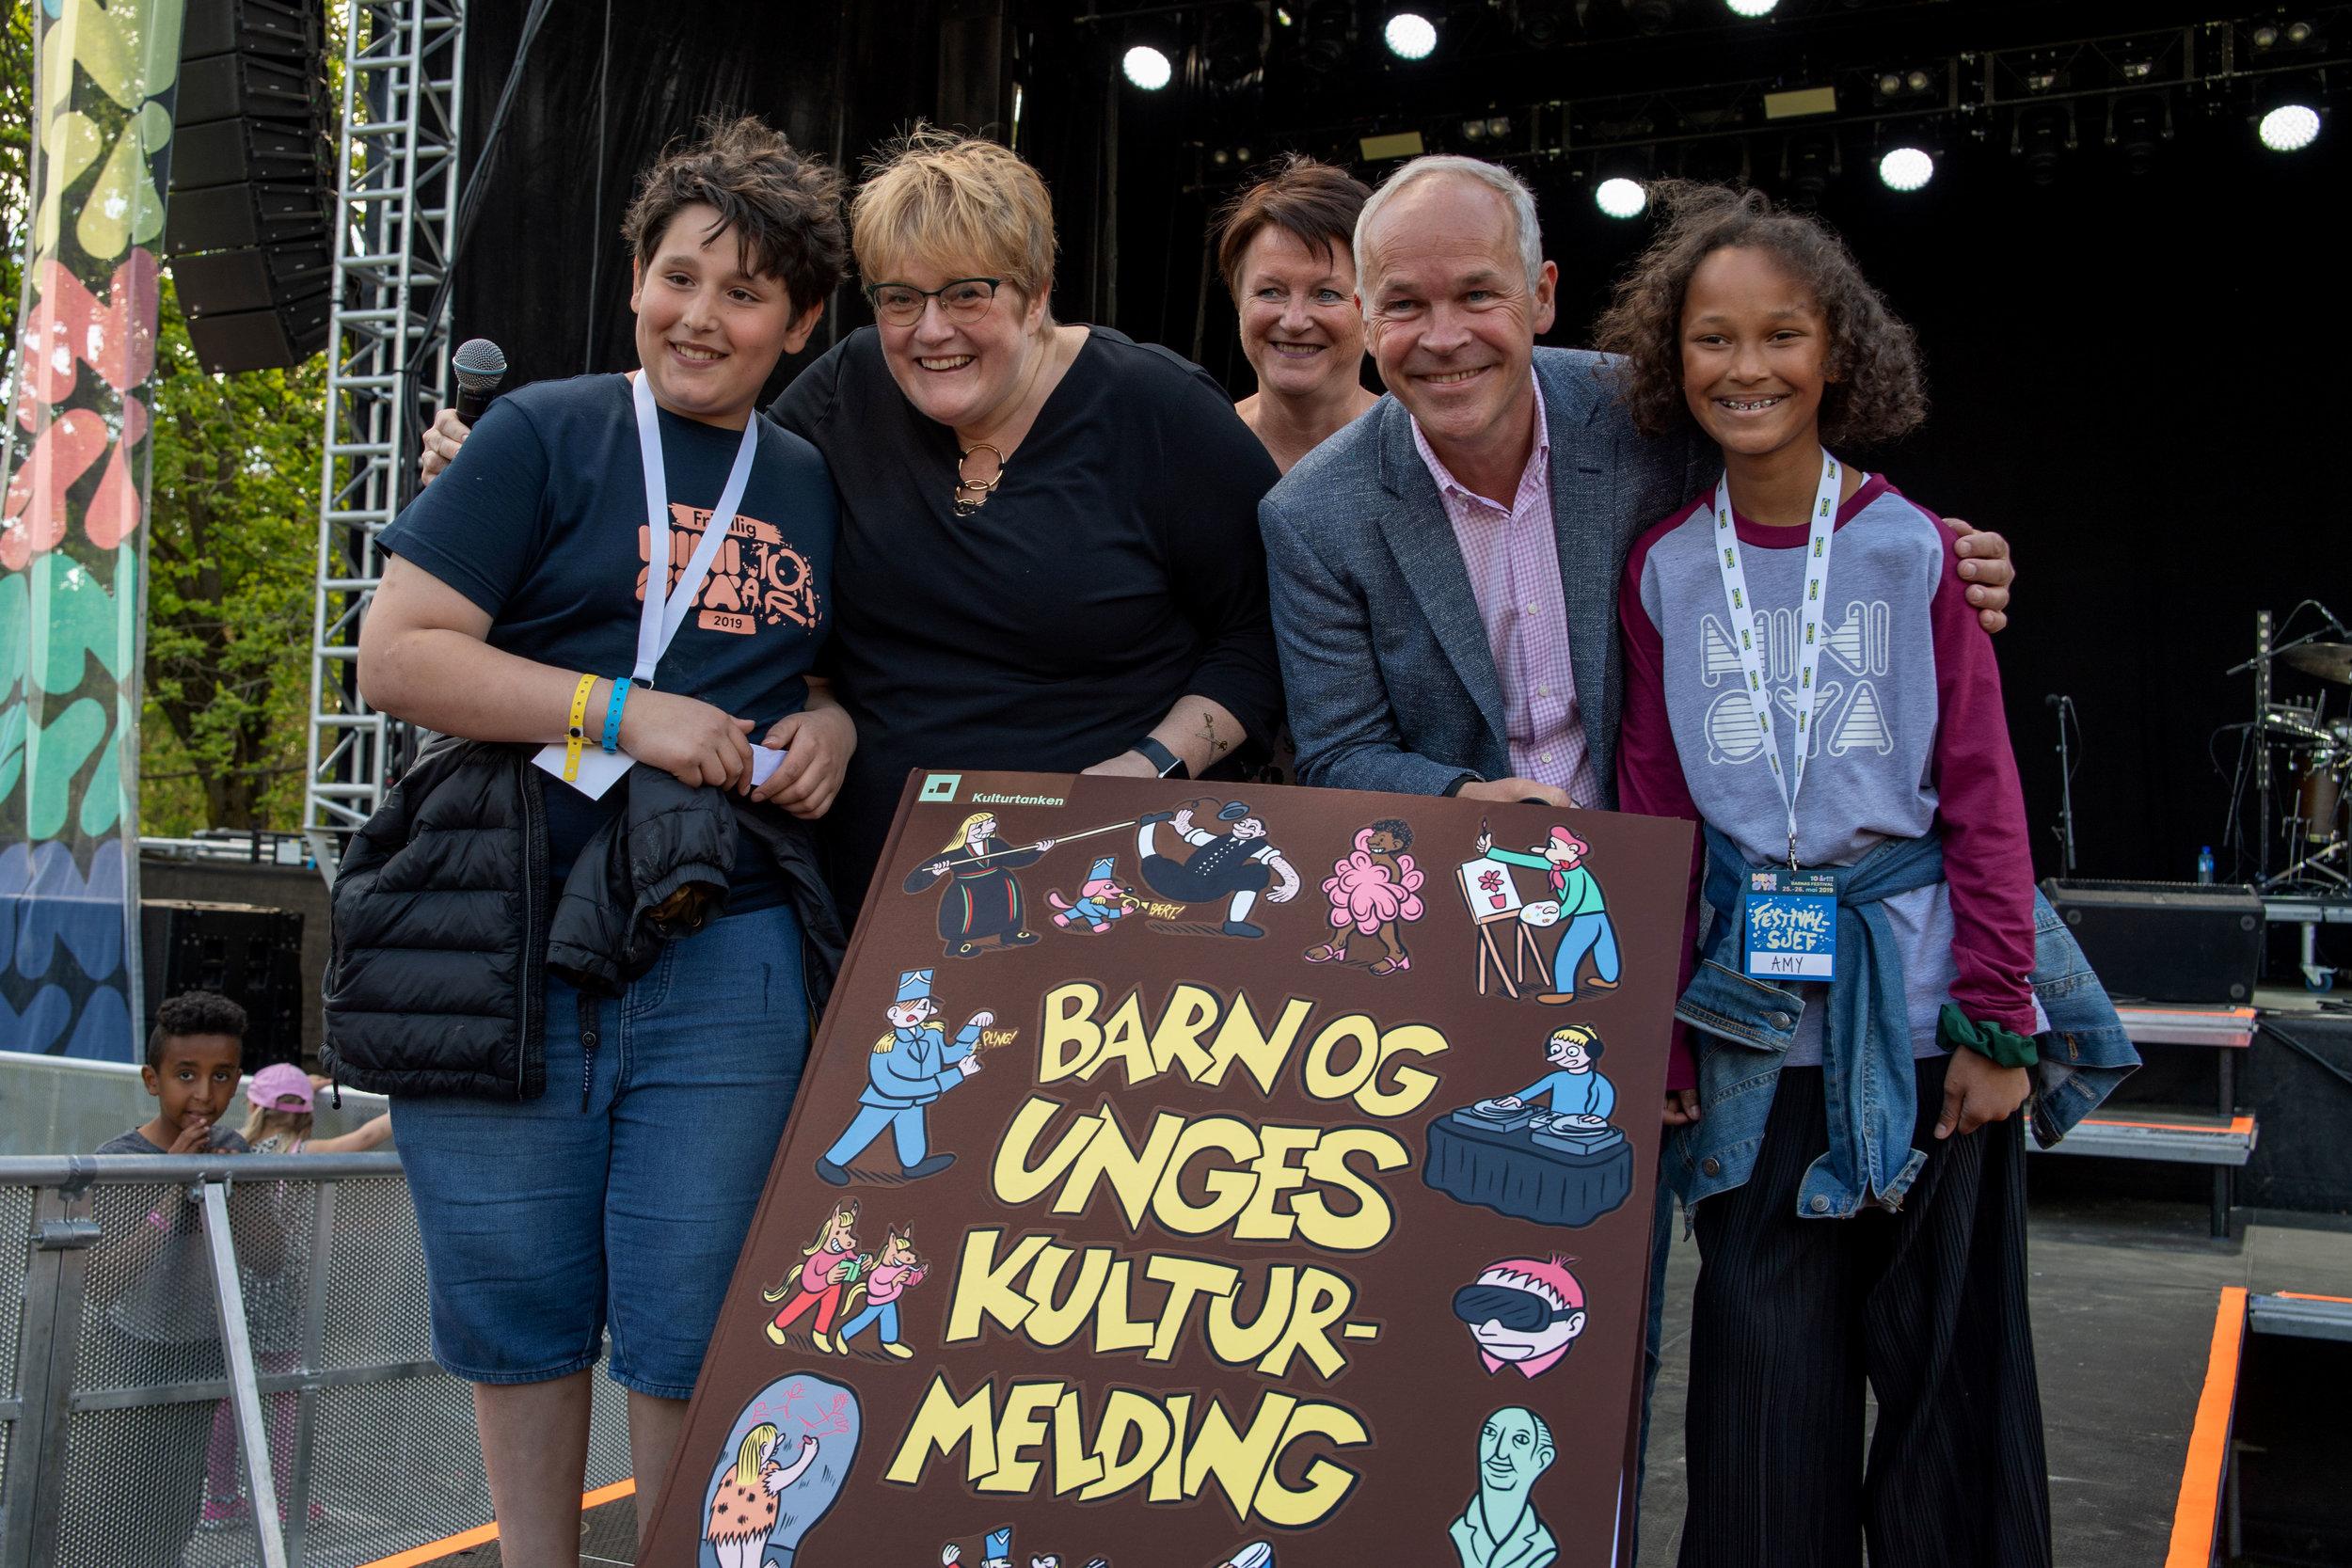 Festivalsjefene Abdullah og Amy, sammen med Lin Holvik (Kulturtanken), overleverte Barn og unges kulturmelding til Trine Skei Grande og Jan Tore Sanner.